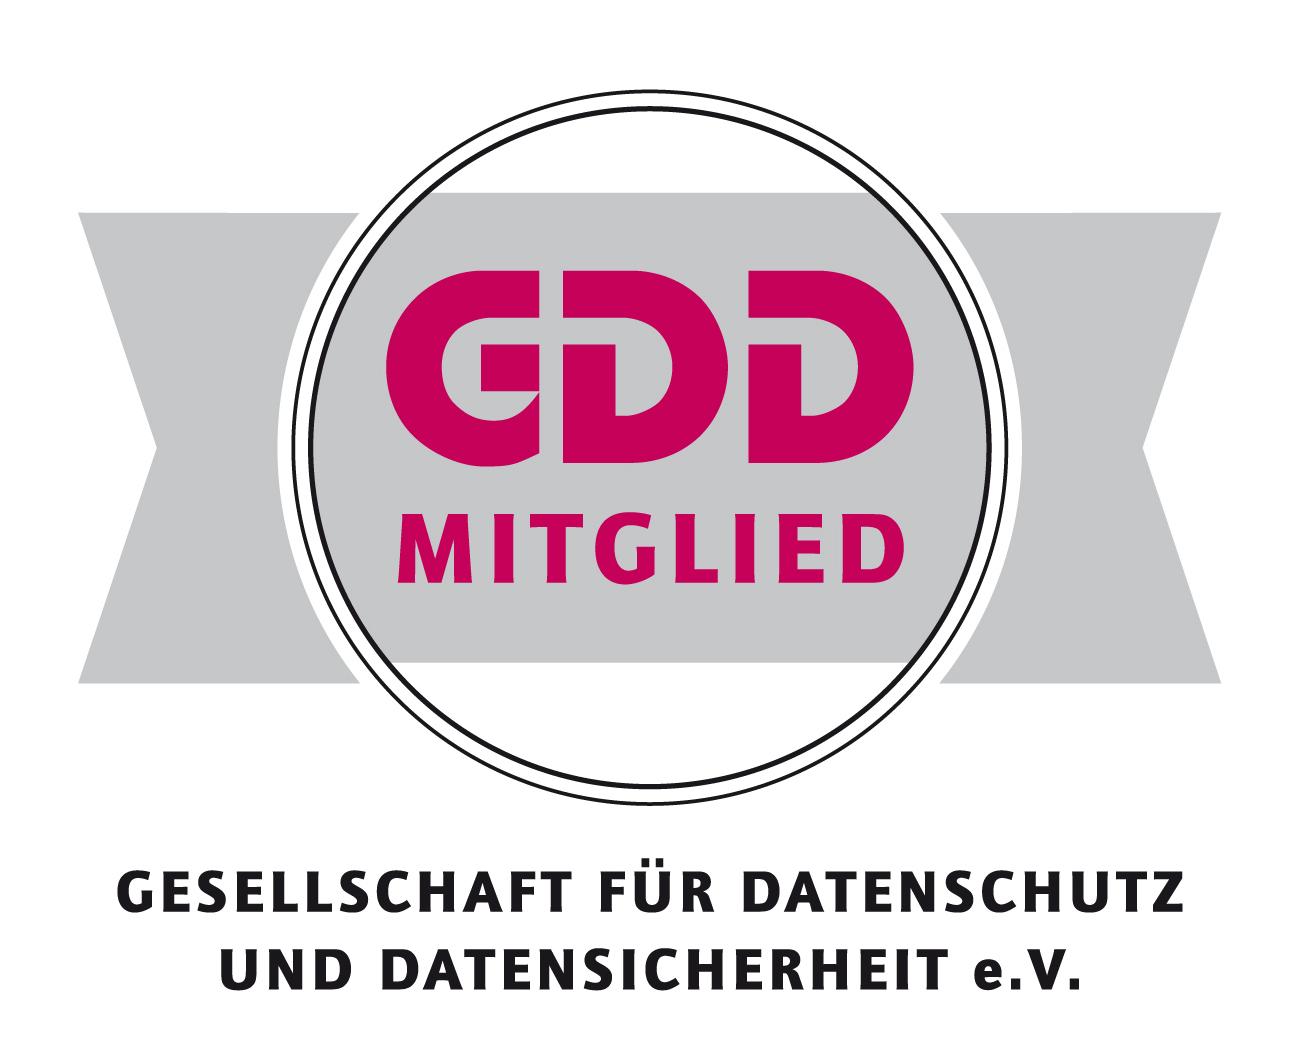 datenschutzt-Partner